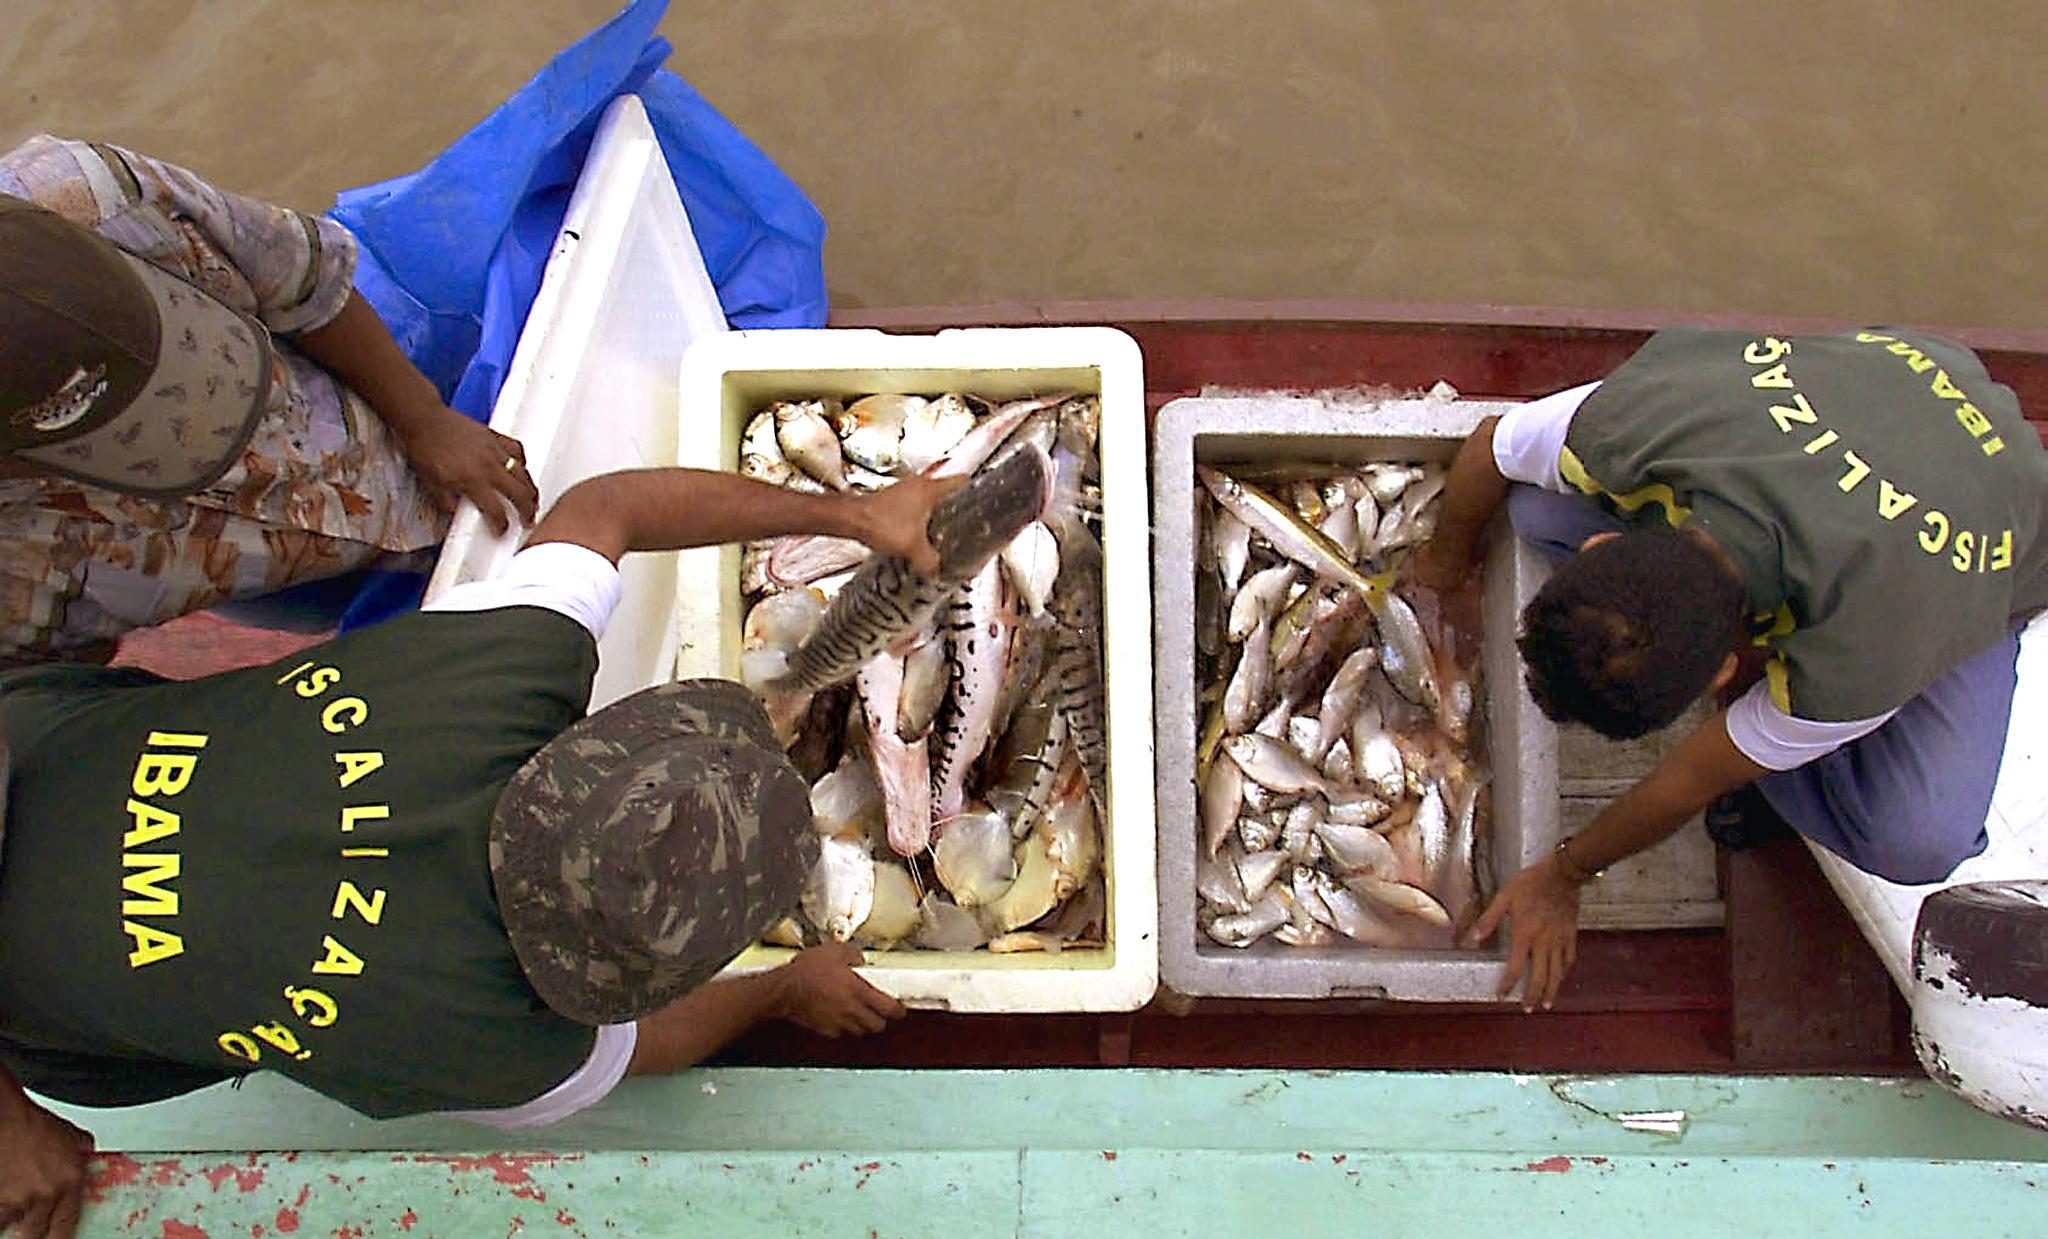 Agents of the Instituto Brasileno de Medio Ambiente (IBAMA) inspect a boat of indigenous brazilian Ticunas, 28 October 2000, in Rio Javari, on the border with Peru, and in front of the city of Tabatinga, Brazil. The IBAMA controls fishing in the region in order to prevent extinction.AFP PHOTO/Antonio SCORZA Agentes deI Instituto Brasileno de Medio Ambiente (IBAMA) inspeccionan a un barco de indigenas brasilenos Ticunas, el 28 de octubre de 2000 en el Rio Javari, en la frontera fluvial con Peru, y frente a la ciudad de Tabatinga, en la Amazonia, Brasil. El IBAMA trata de controlar la pesca en la region preservando especimenes como el Tucunare (en la foto), caracterisico de estas aguas, amenazado de extincion. AFP PHOTO/Antonio SCORZA (Photo by ANTONIO SCORZA / AFP)Agents of the Instituto Brasileno de Medio Ambiente (IBAMA) inspect a boat of indigenous brazilian Ticunas, 28 October 2000, in Rio Javari, on the border with Peru, and in front of the city of Tabatinga, Brazil. The IBAMA controls fishing in the region in order to prevent extinction.AFP PHOTO/Antonio SCORZA Agentes deI Instituto Brasileno de Medio Ambiente (IBAMA) inspeccionan a un barco de indigenas brasilenos Ticunas, el 28 de octubre de 2000 en el Rio Javari, en la frontera fluvial con Peru, y frente a la ciudad de Tabatinga, en la Amazonia, Brasil. El IBAMA trata de controlar la pesca en la region preservando especimenes como el Tucunare (en la foto), caracterisico de estas aguas, amenazado de extincion. AFP PHOTO/Antonio SCORZA (Photo by ANTONIO SCORZA / AFP)